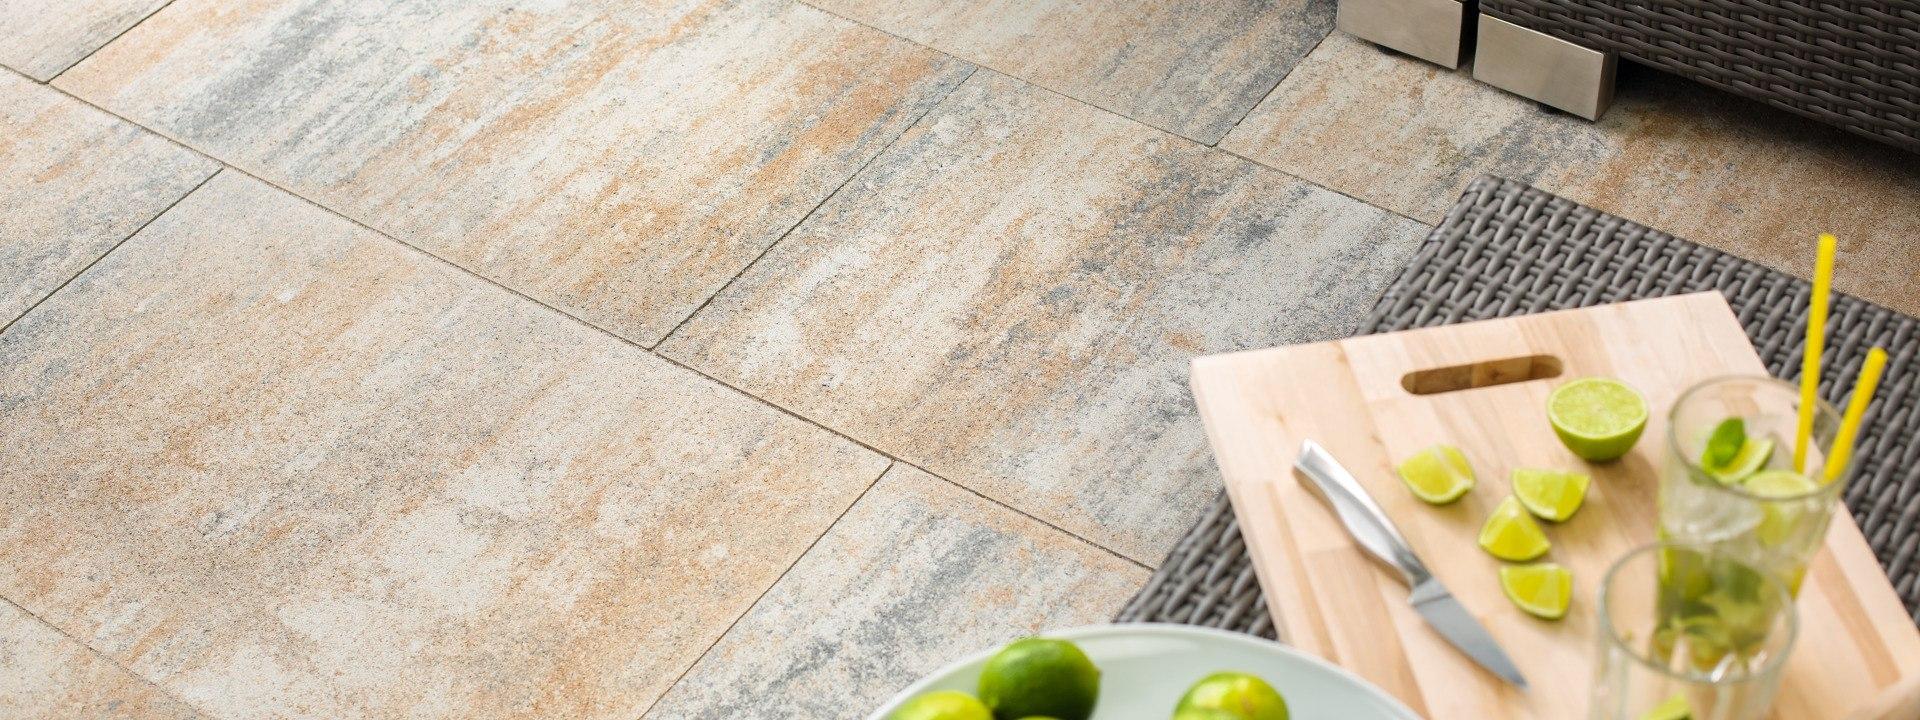 Gepflasterter Steinboden in Muschelkalk Optik und Tisch mit aufgeschnittenen Limetten und Messer und Gläsern mit Limetten und Strohhalm